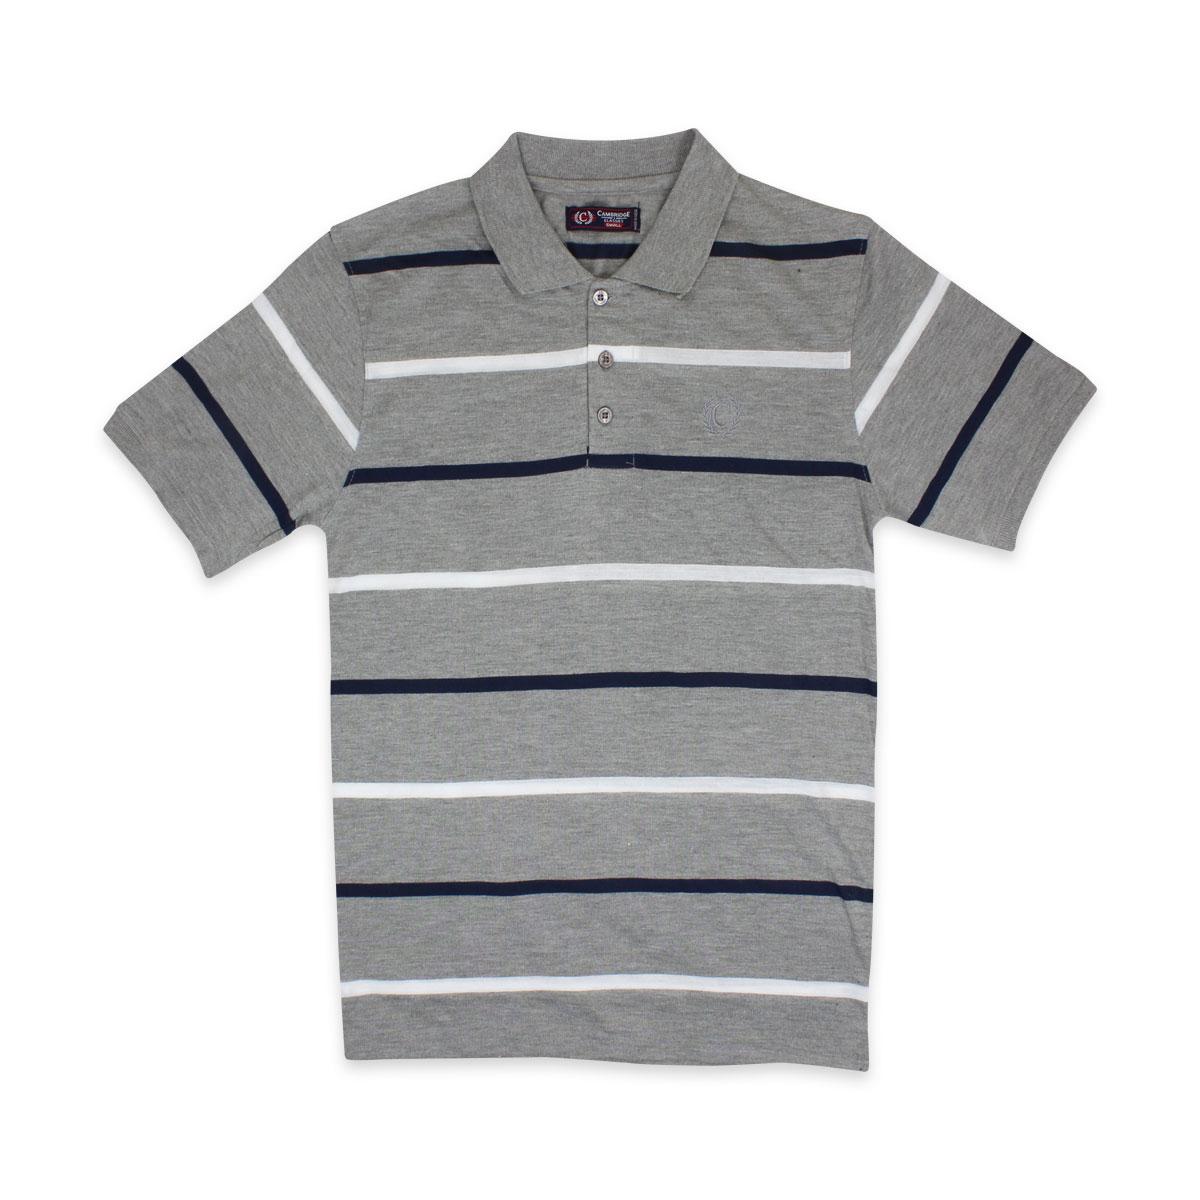 Camisas-Polo-Para-Hombre-A-Rayas-Pique-Con-Cuello-camiseta-Camiseta-Manga-Corta-De-Verano-S-M-L-XL miniatura 39